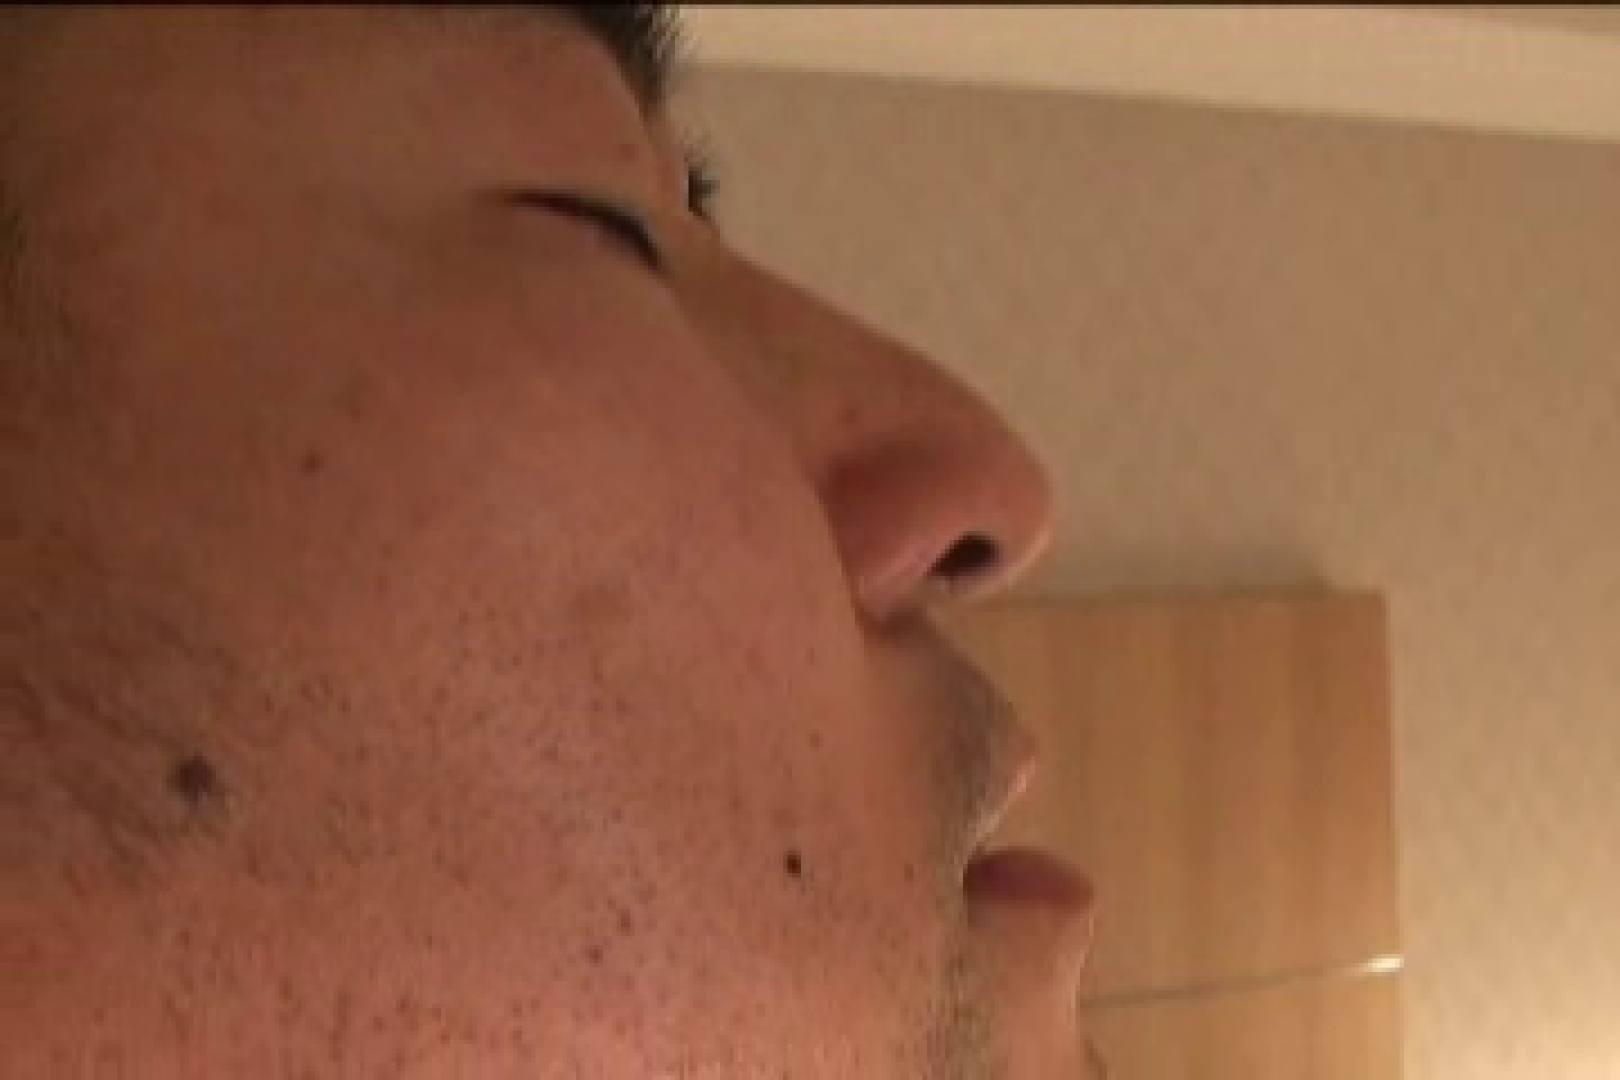 悶絶!!ケツマンFighters!! Part.01 ディープキス ゲイAV画像 63pic 46